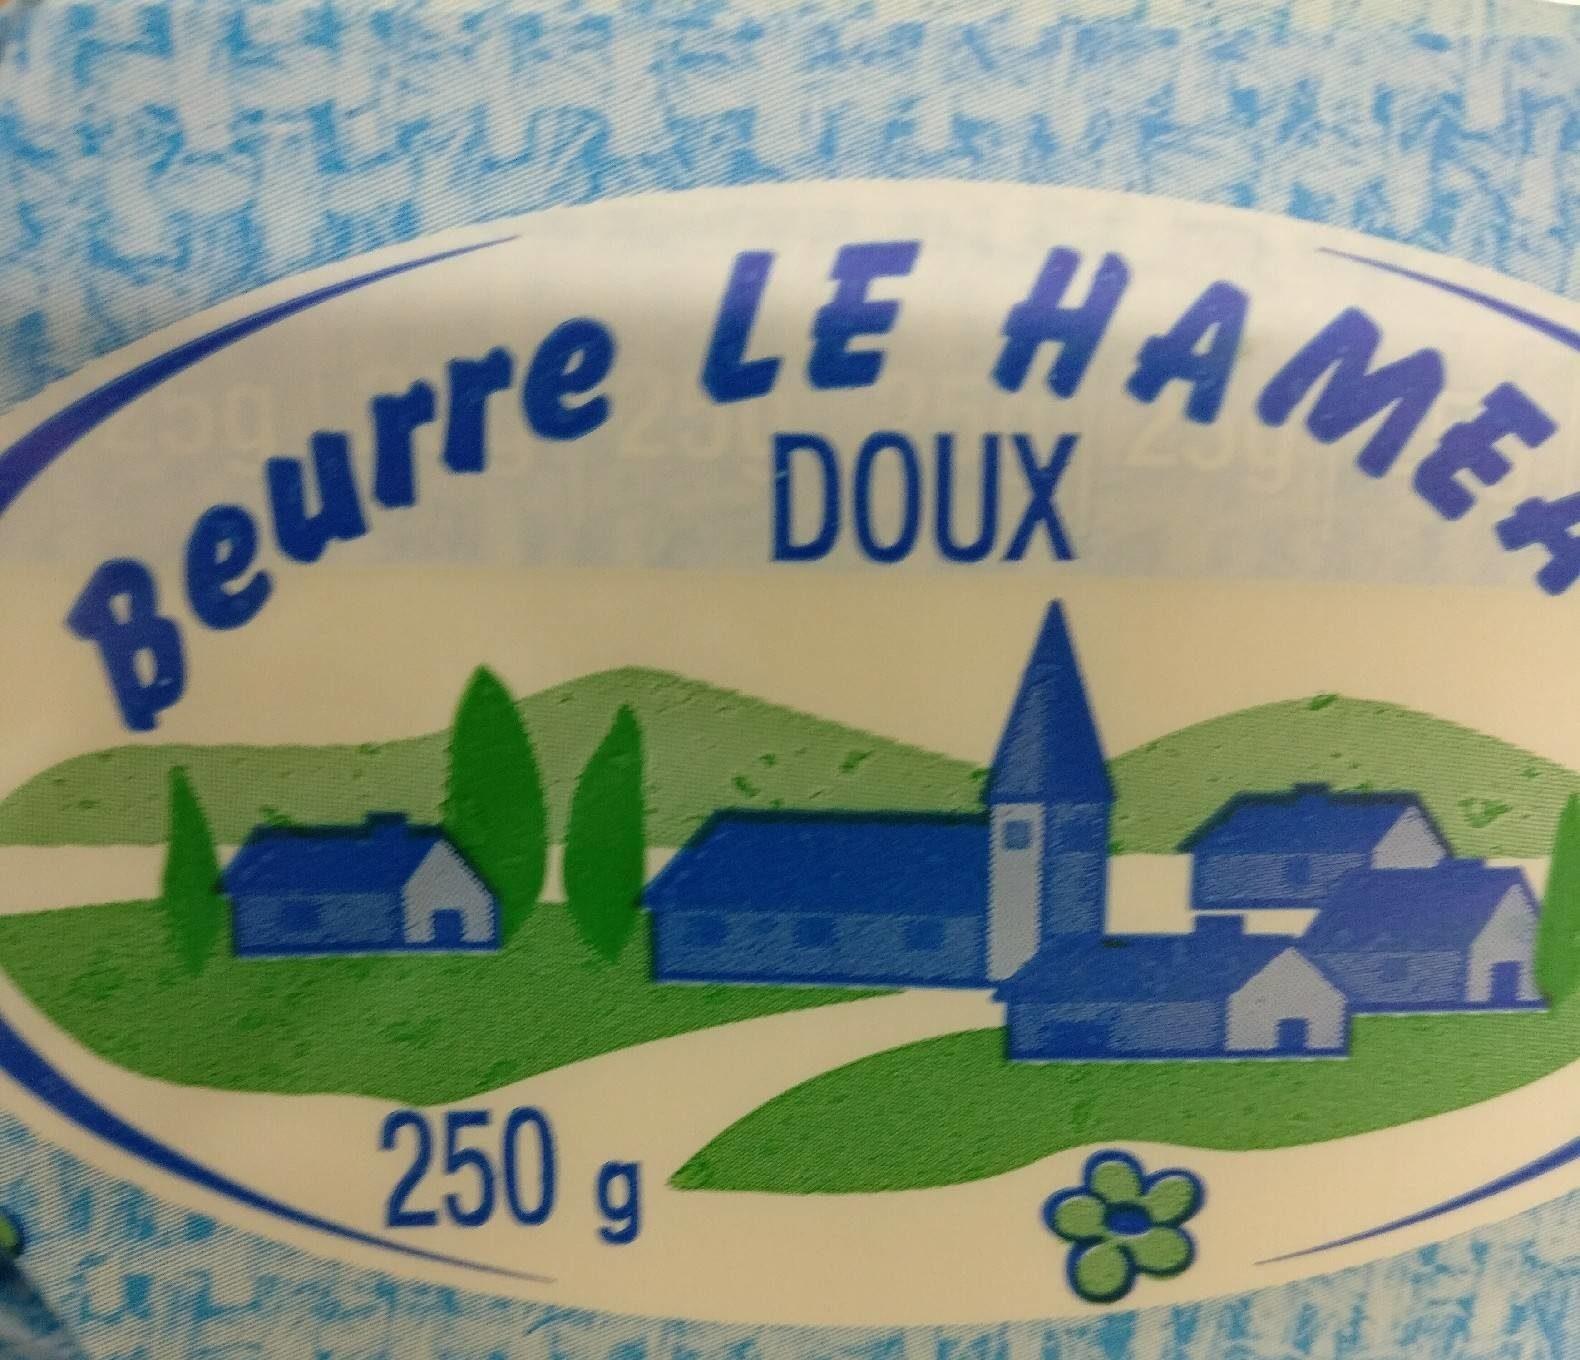 Beurre le hameau 250g - Product